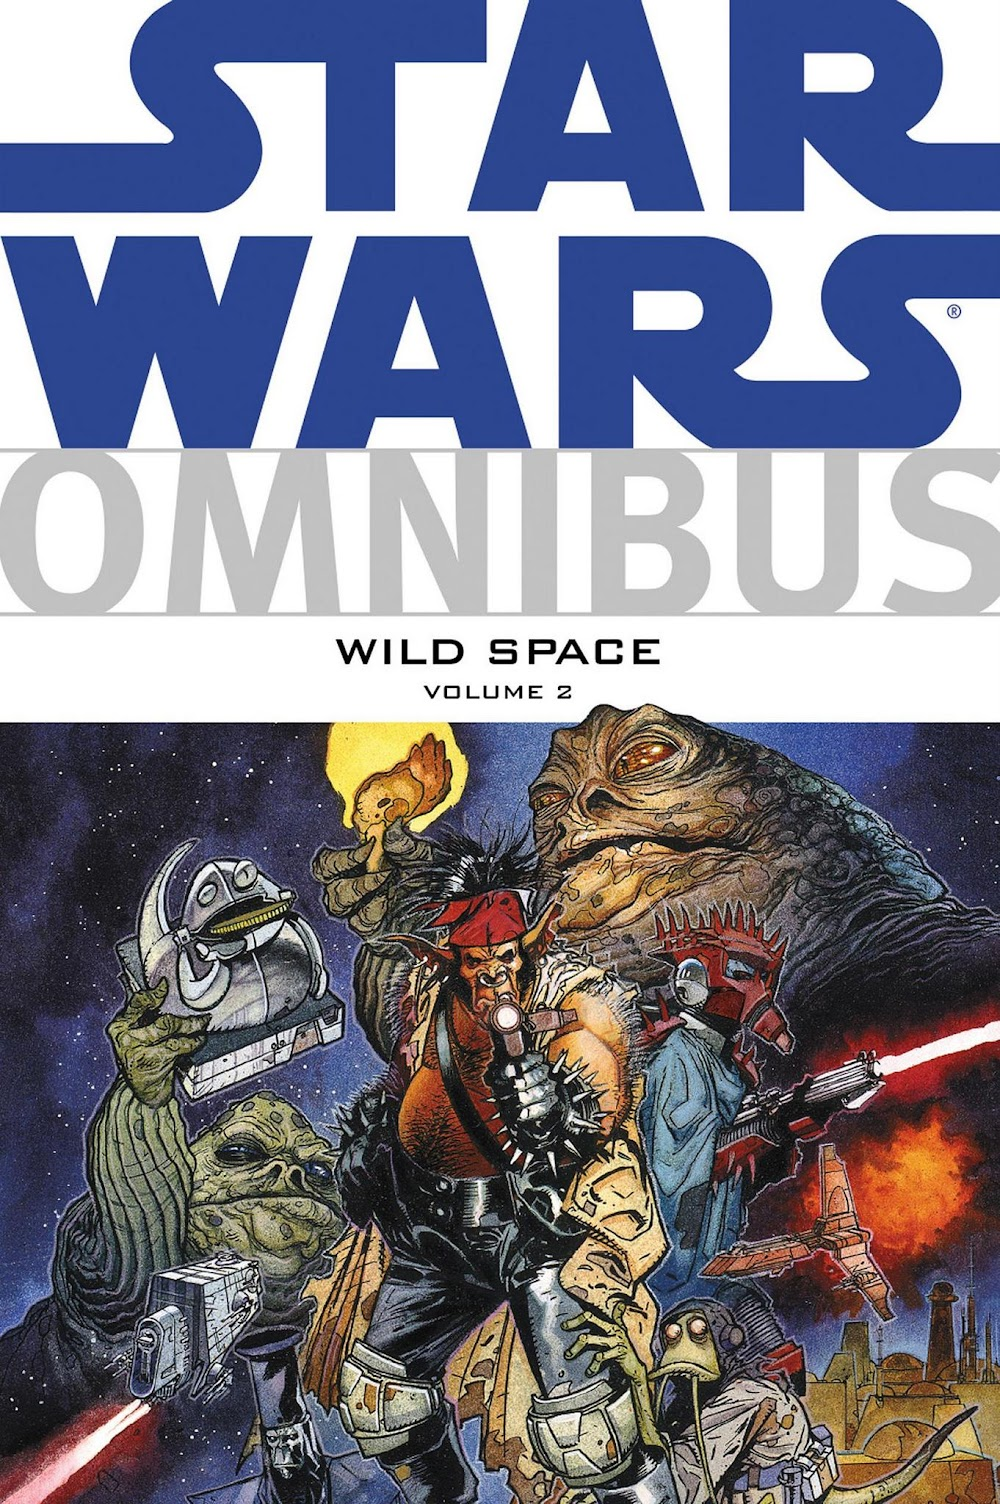 Star Wars Omnibus - Wild Space Vol.2 (2013)